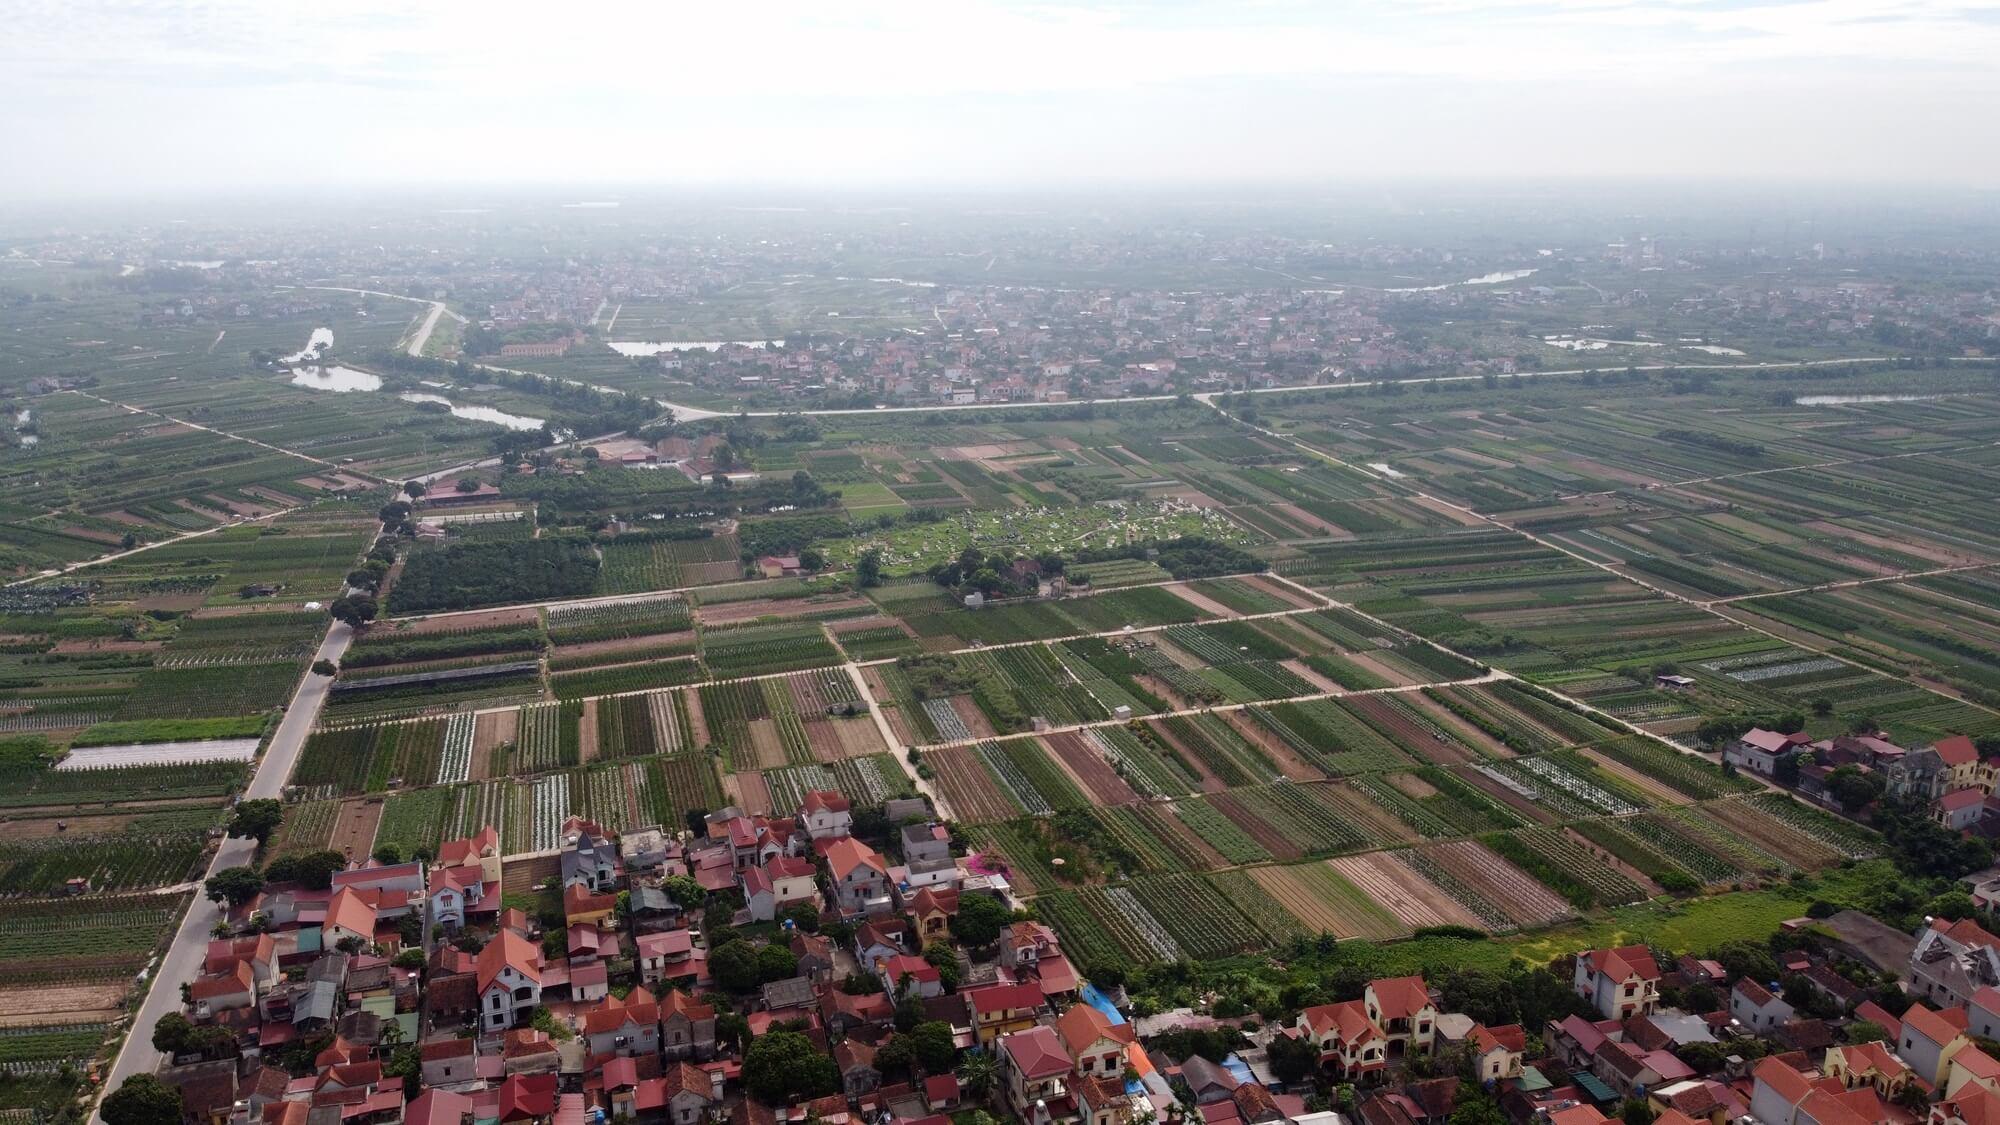 Đường vành đai 4 trên địa bàn tỉnh Hưng Yên sẽ cắt qua đường 378, 379 và cắt vào cao tốc Hà Nội - Hải Phòng.